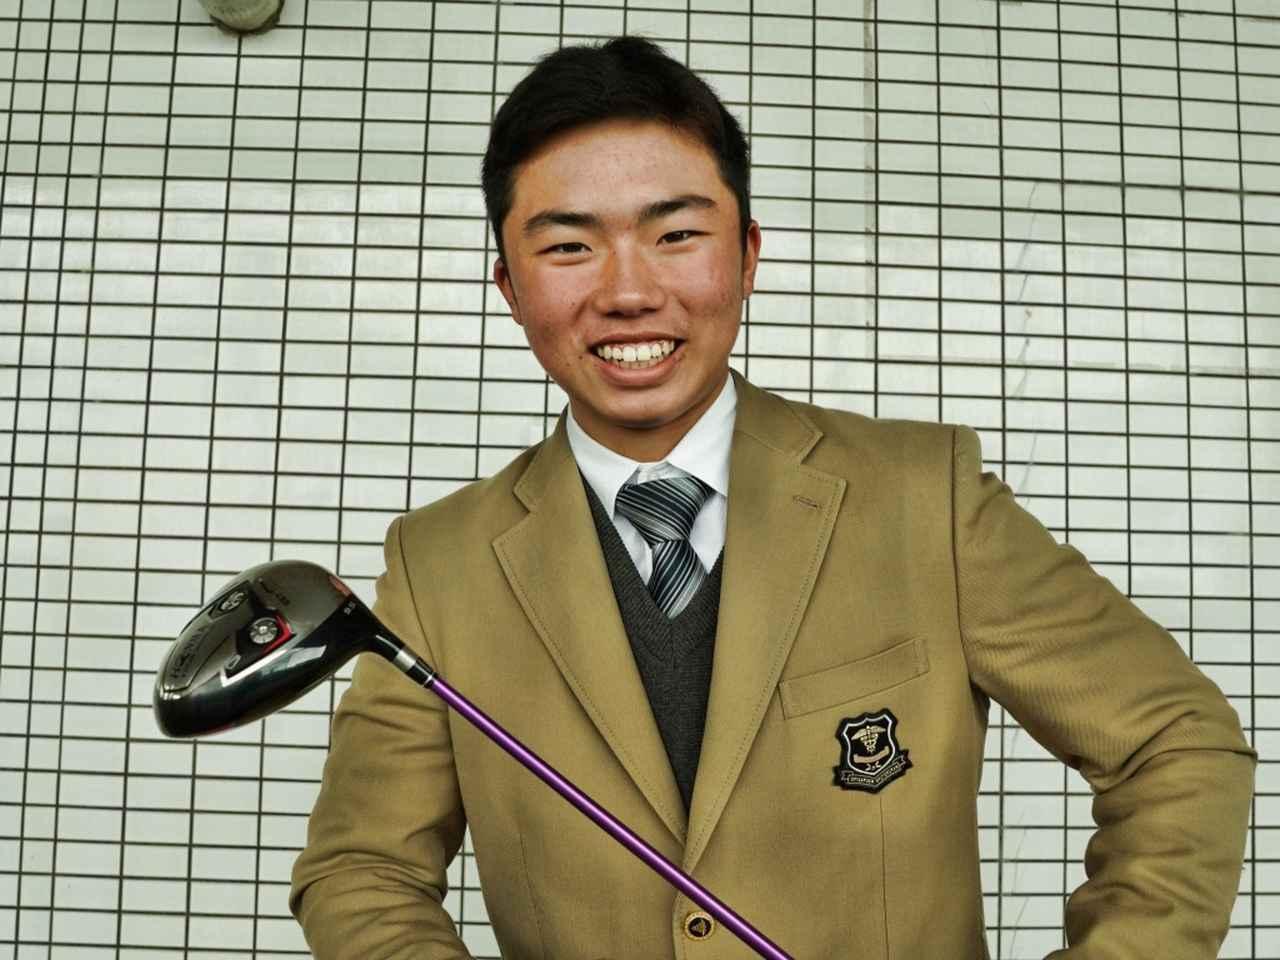 画像: 【10本で握る】テンフィンガーグリップで300ヤードを飛ばす高校2年! 篠塚武久先生が教え子、出利葉太一郎くんのスウィングを解説 - ゴルフへ行こうWEB by ゴルフダイジェスト